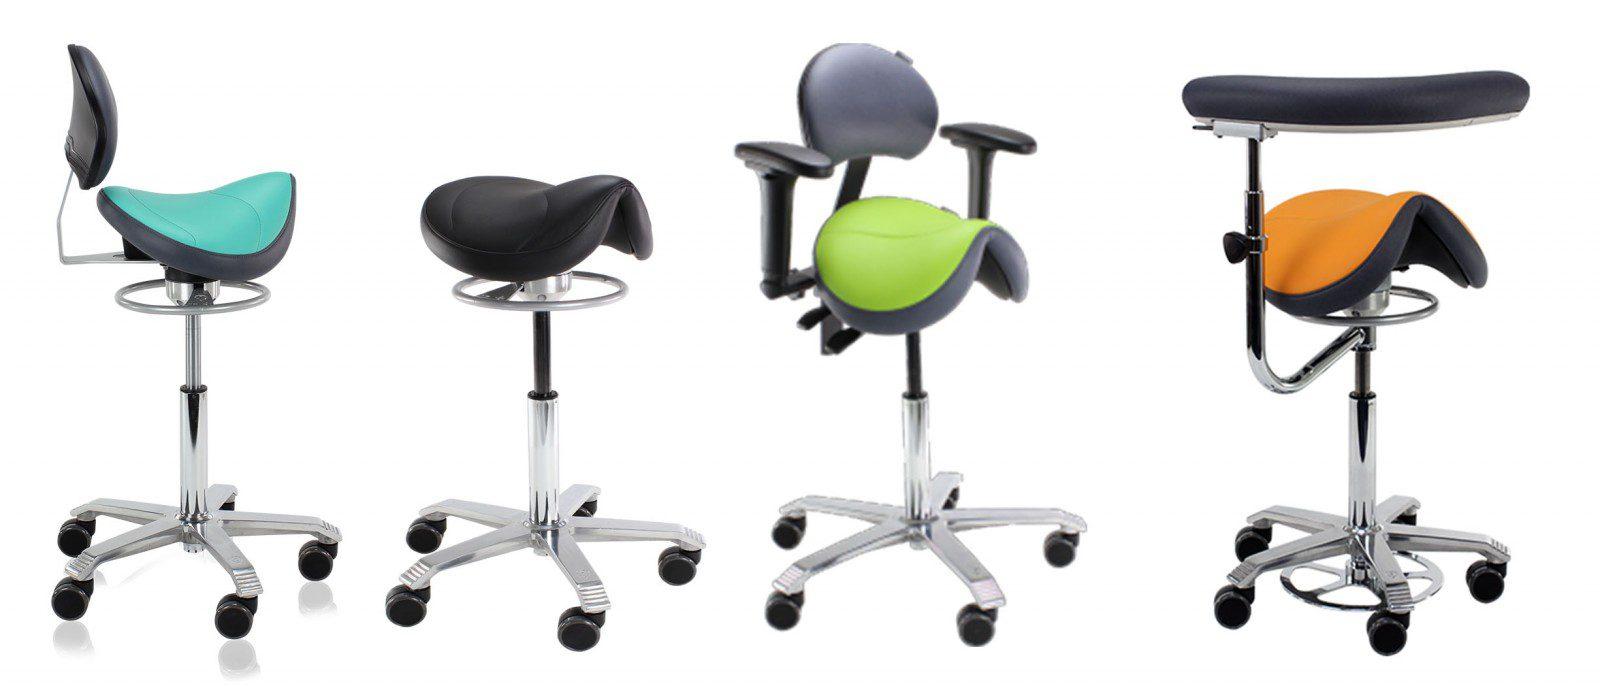 score dental saddle stools